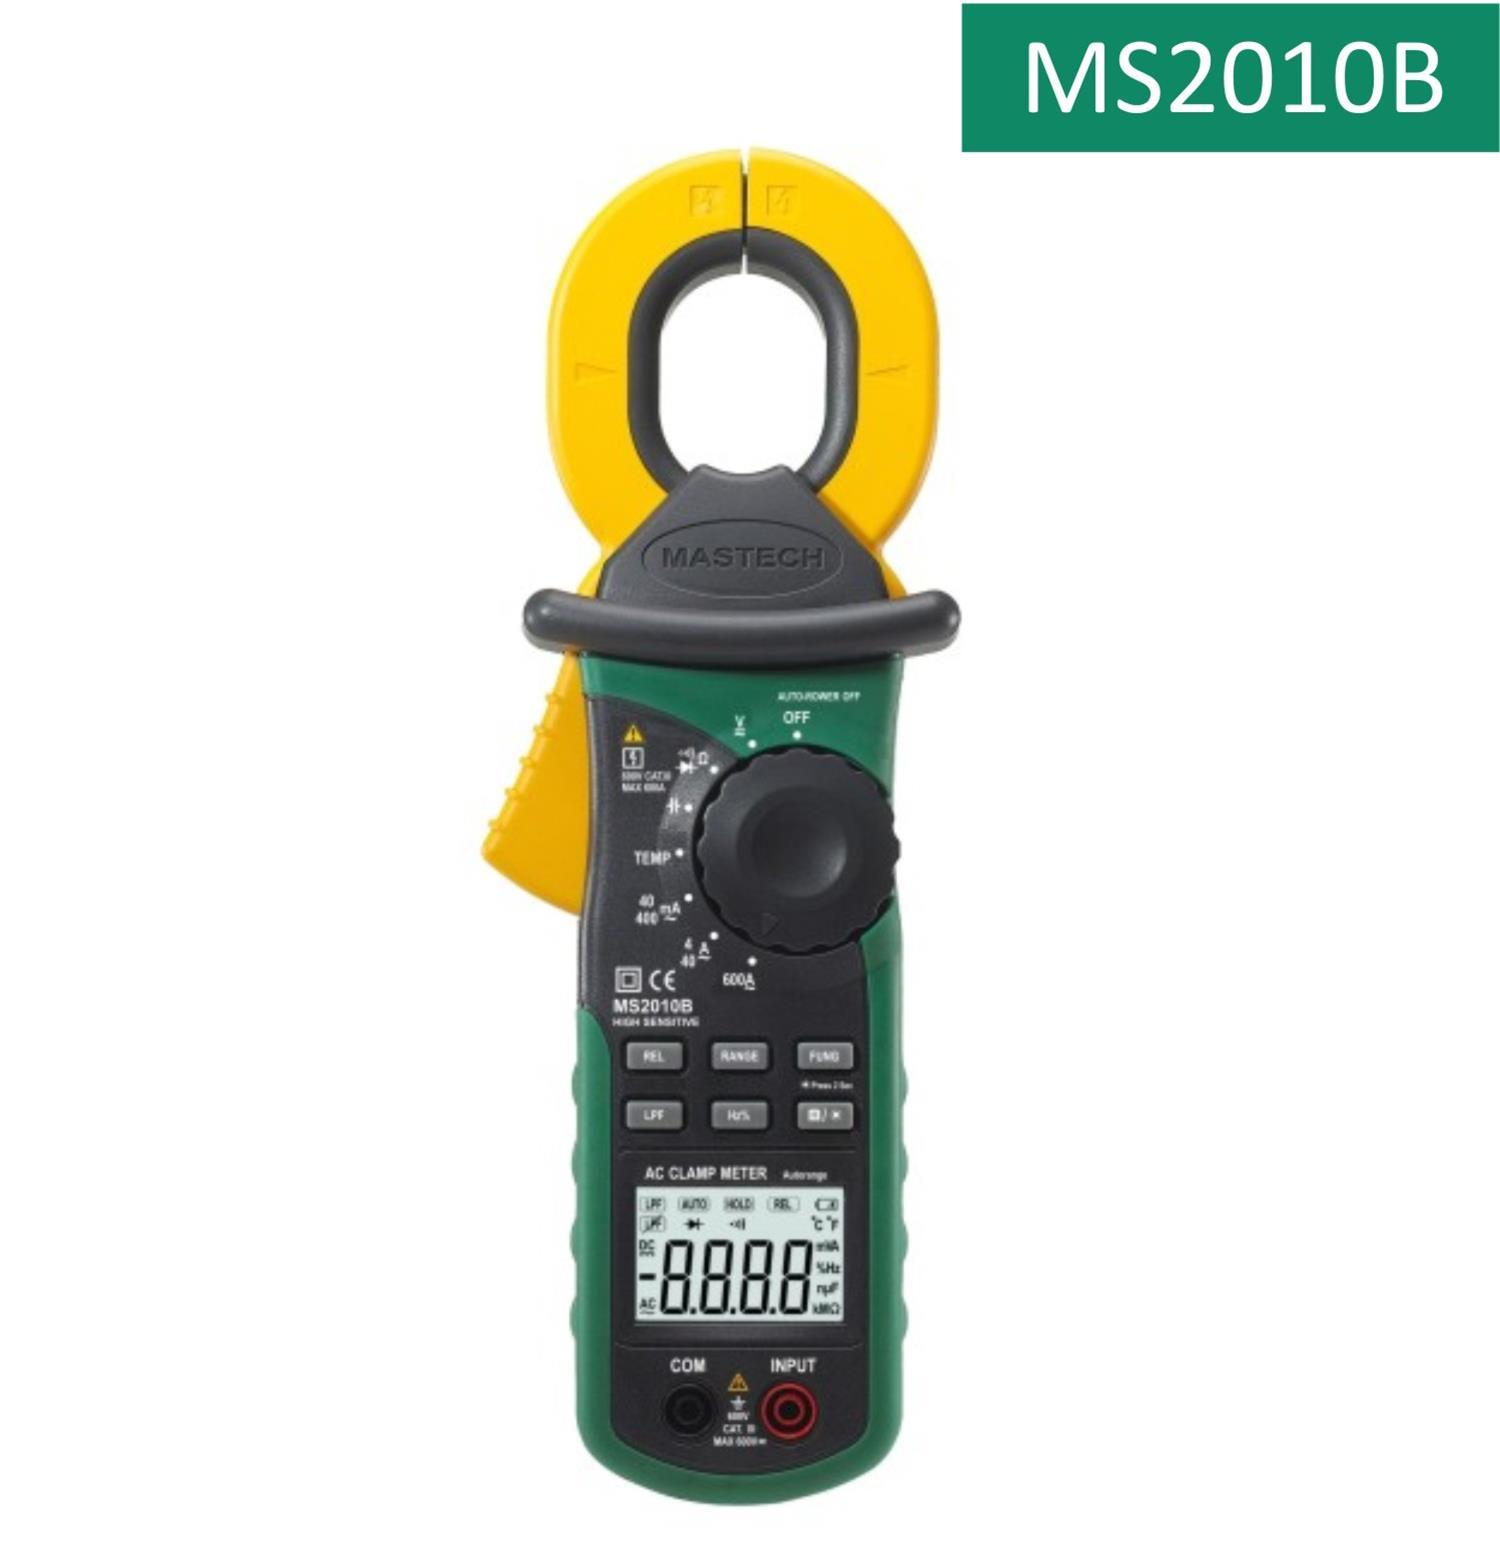 MS2010B